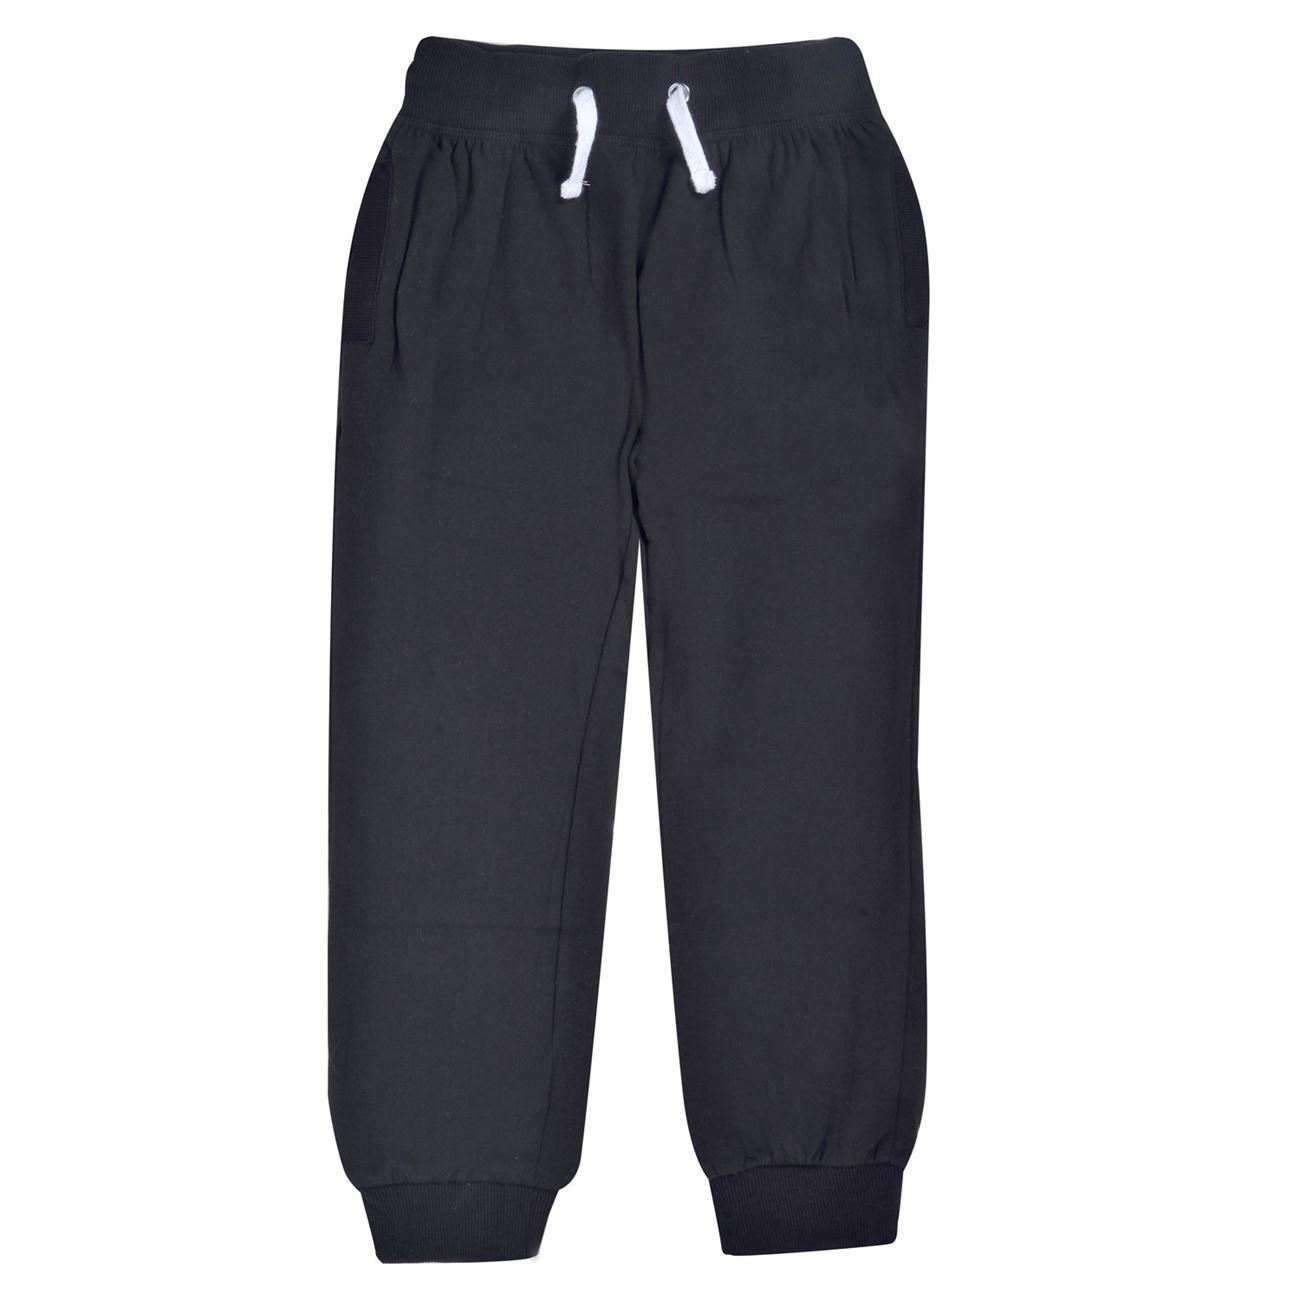 Παντελόνι Παιδικό Φούτερ Μαύρο   Παντελόνια Φούτερ για Αγόρια  0195fbee627